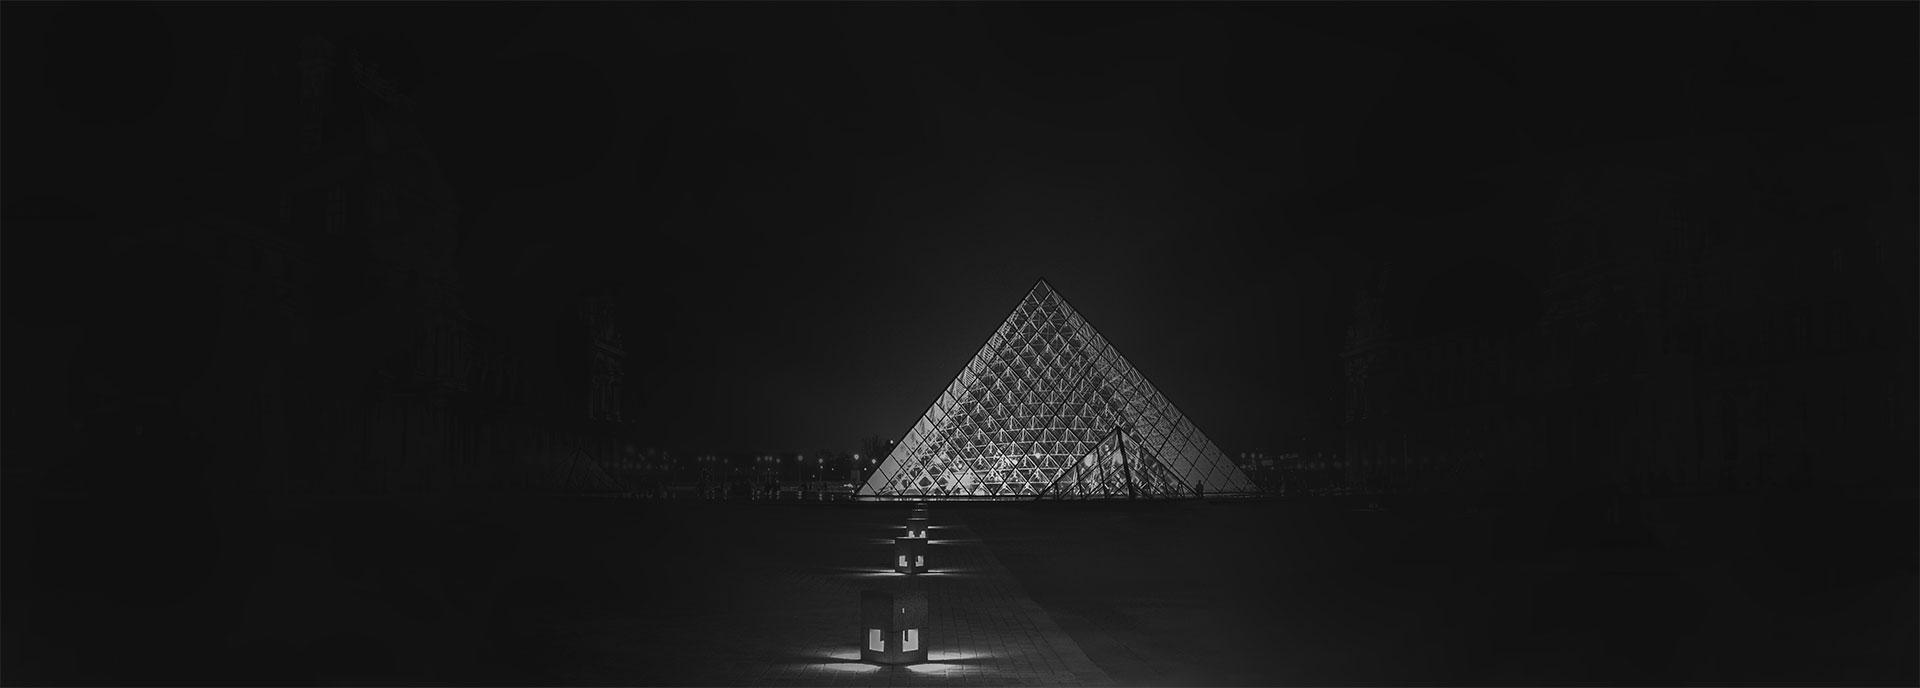 пирамида на тъмен фон за бложка на секция клиенти